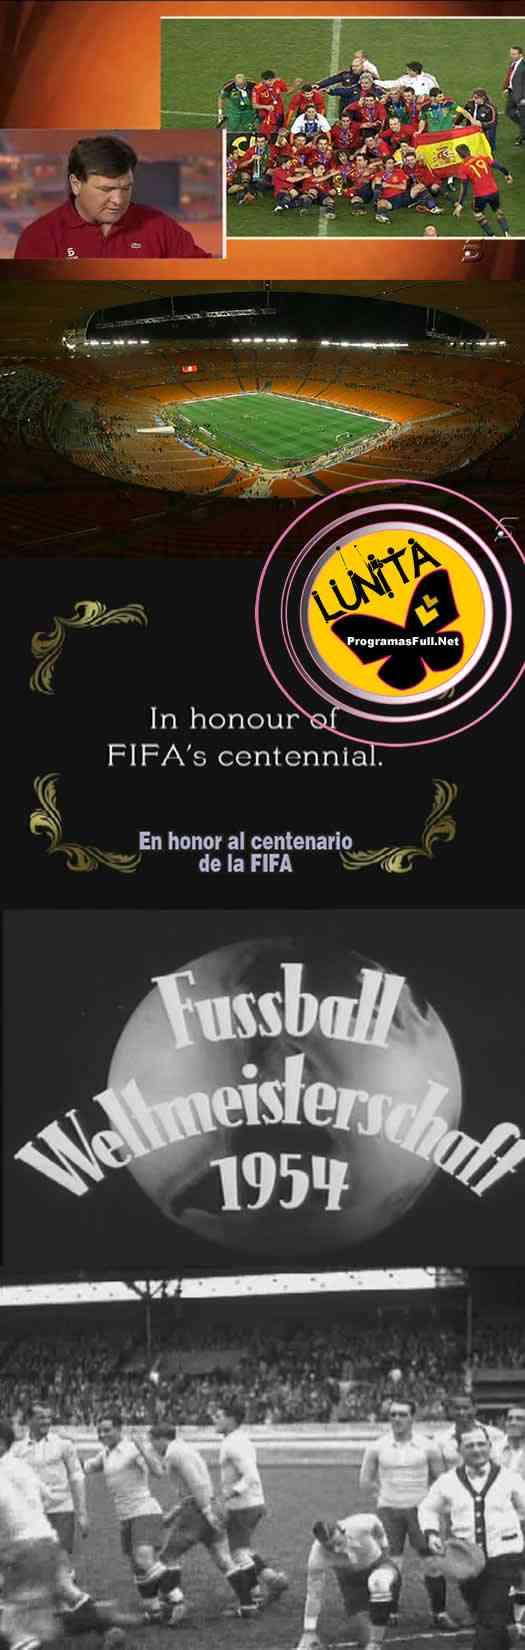 Copa Mundial de la FIFA - Colección de DVD 1930 - 2006 DVD Lunita